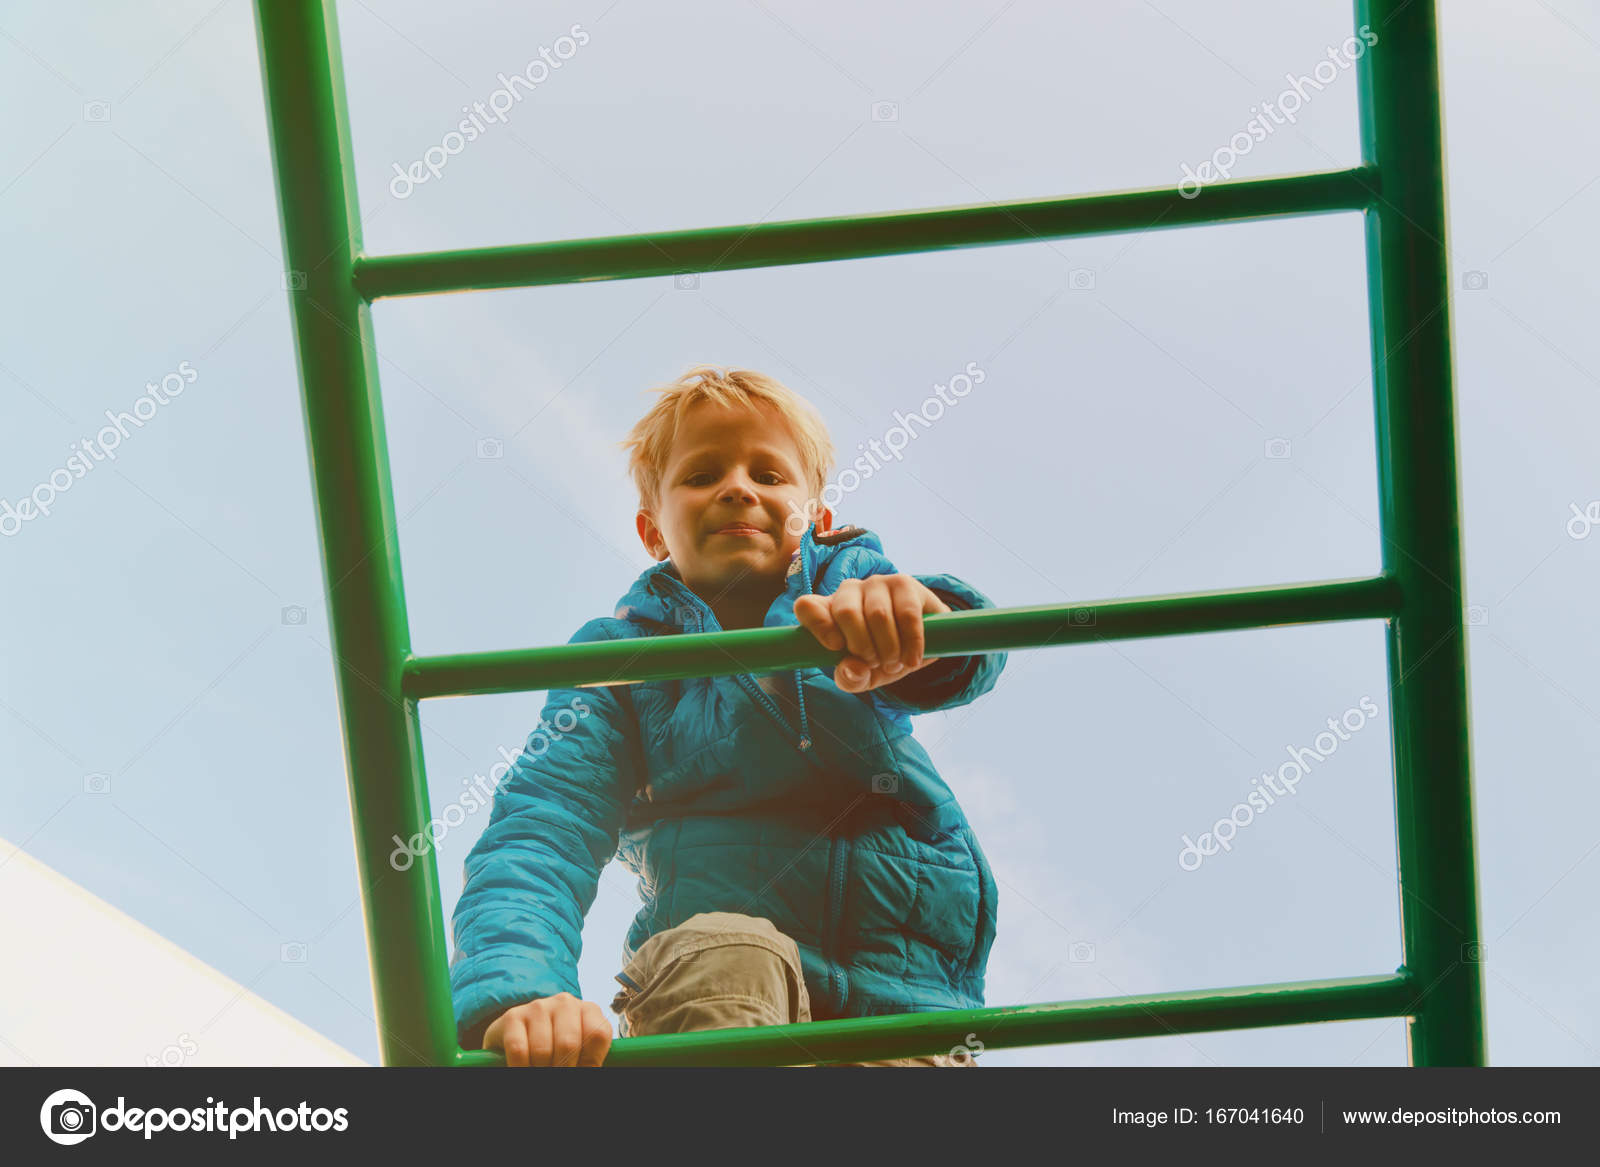 Little Monkey Klettergerüst : Kleiner junge spielt auf klettergerüst spielplatz u stockfoto